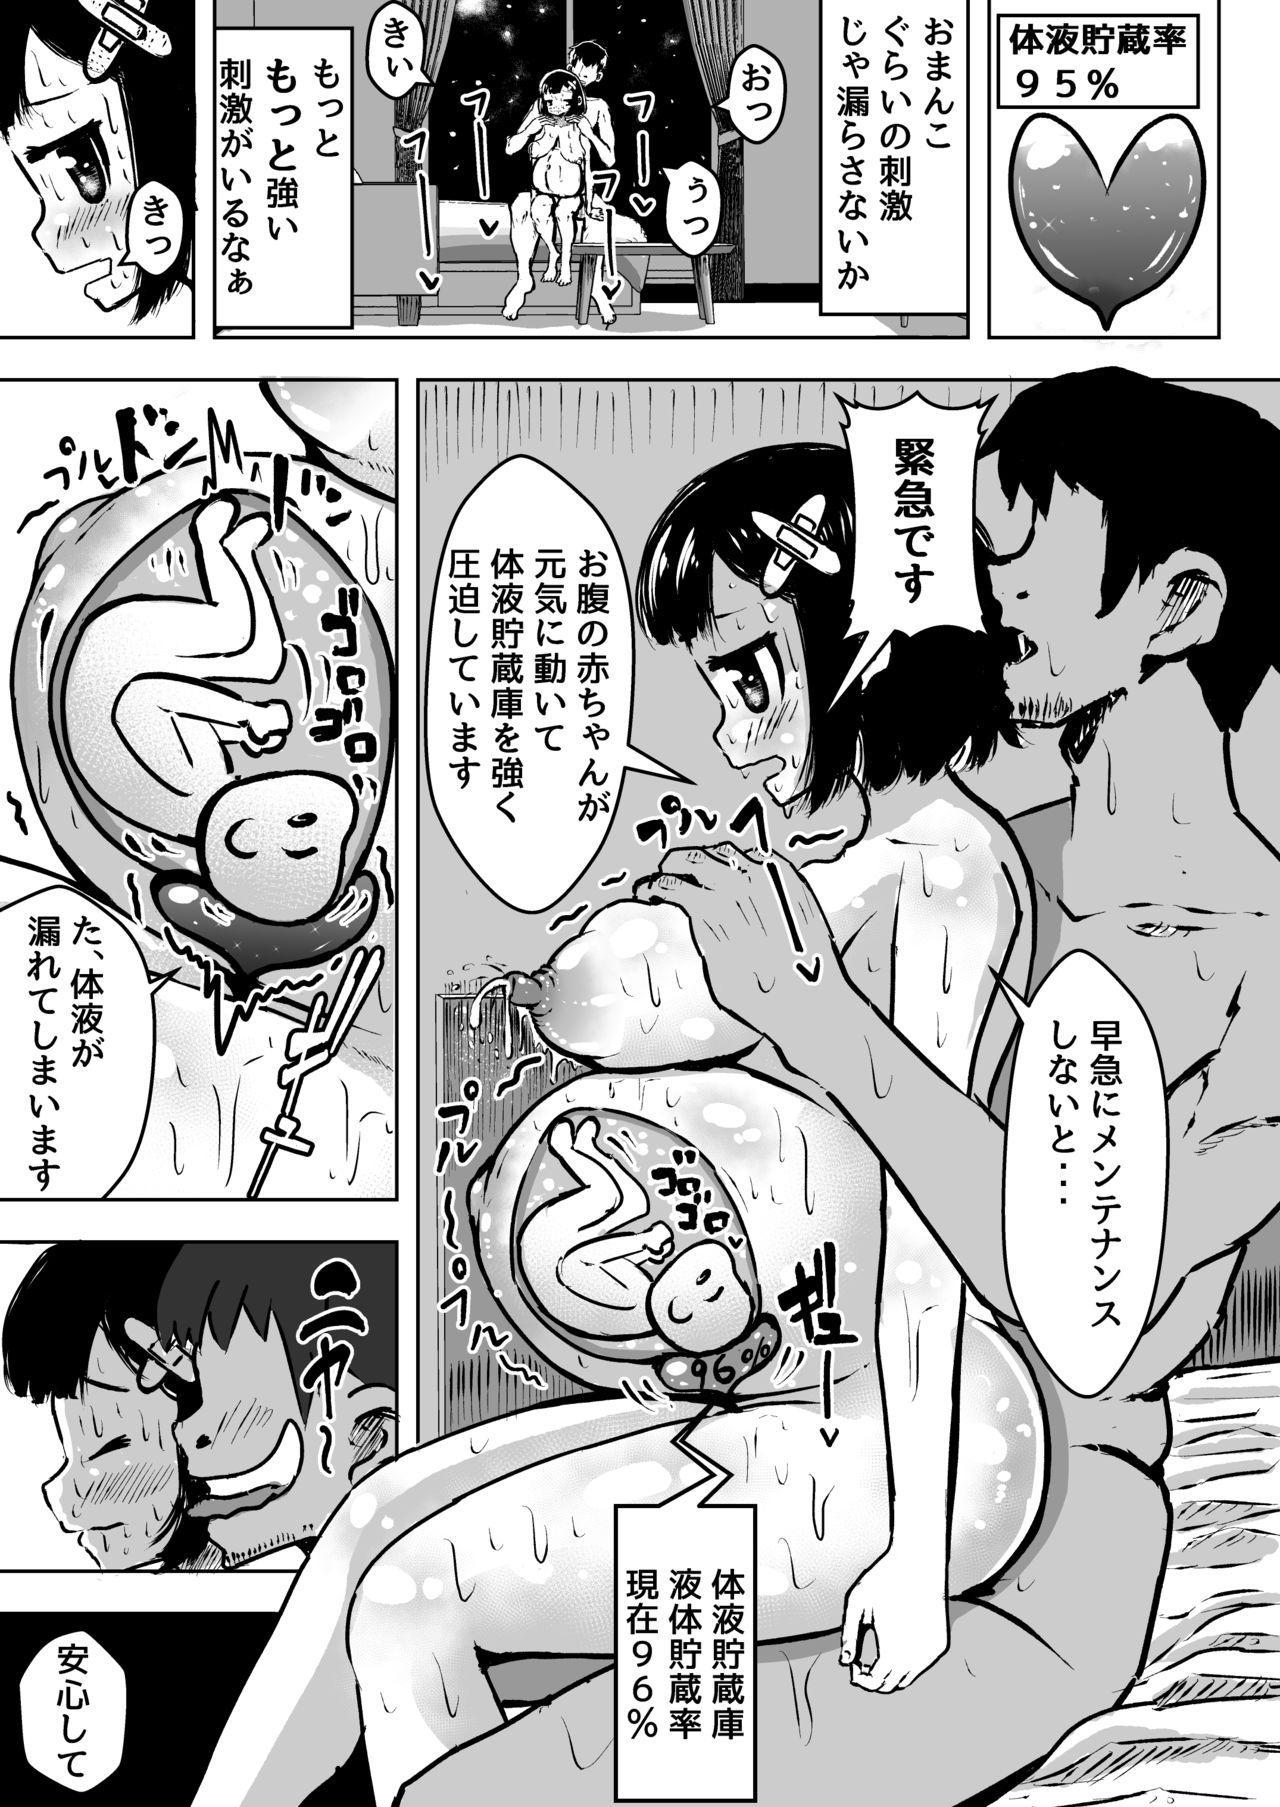 Chuuko de Katta Kozukuri Robo Haramase Bodebara Ecchi 20